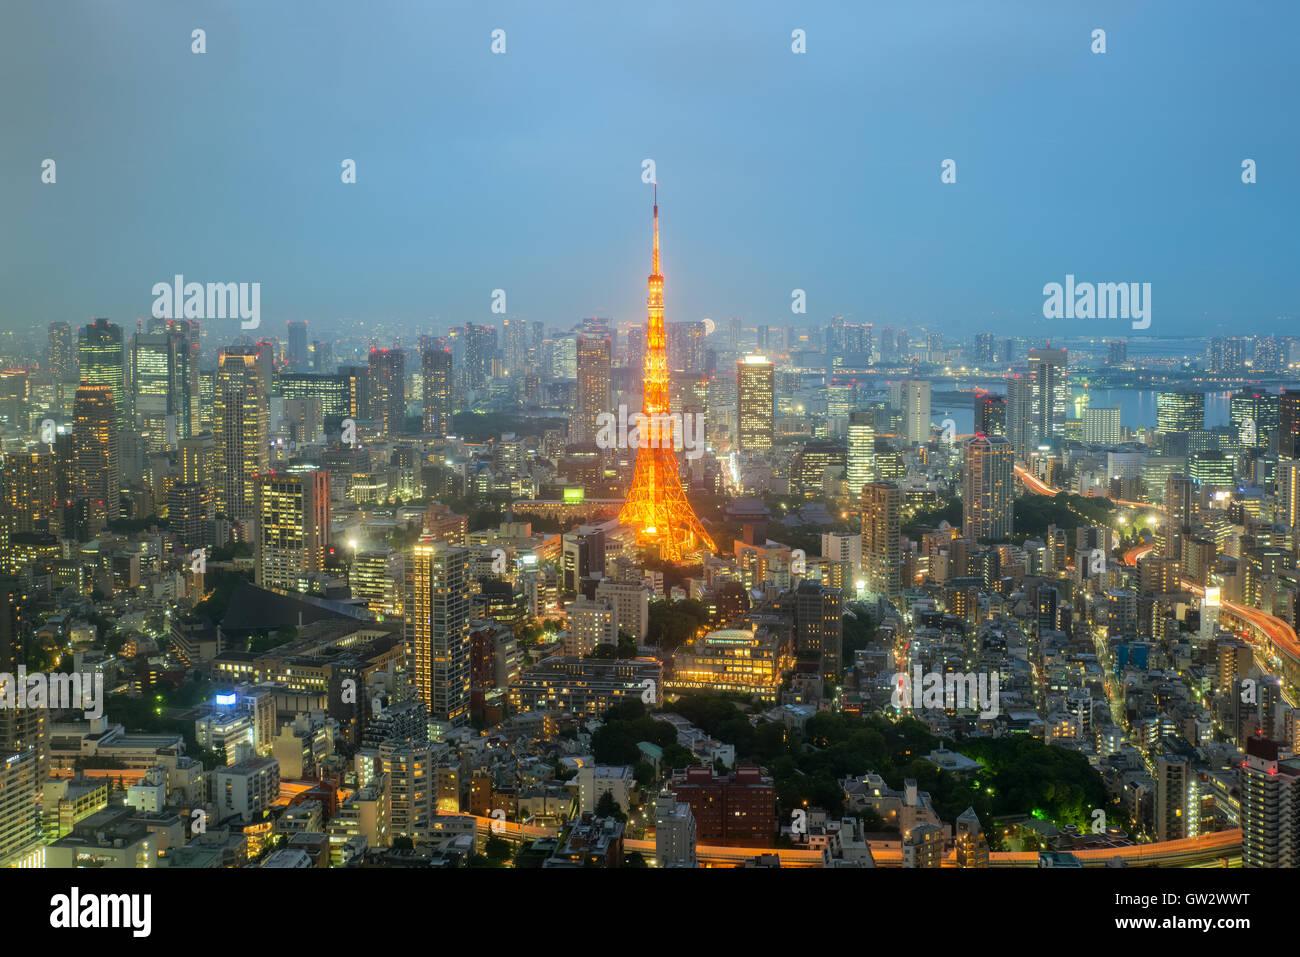 La Tokyo Tower e il Tokyo City skyline e grattacielo di notte a Tokyo, Giappone Immagini Stock